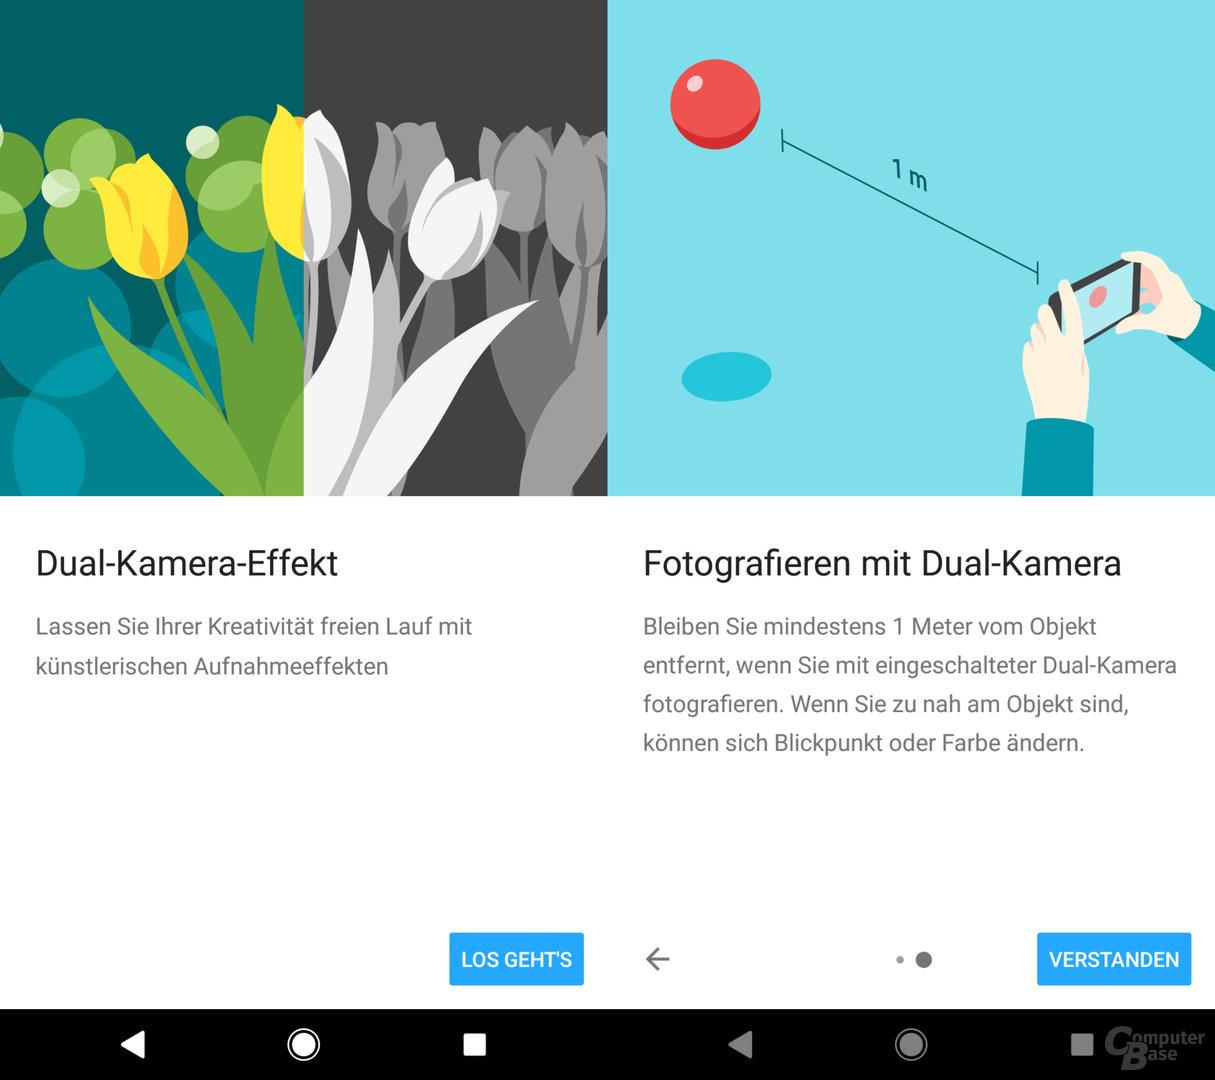 Sony Xperia XZ2 Premium im Kameratest: App-Erläuterungen